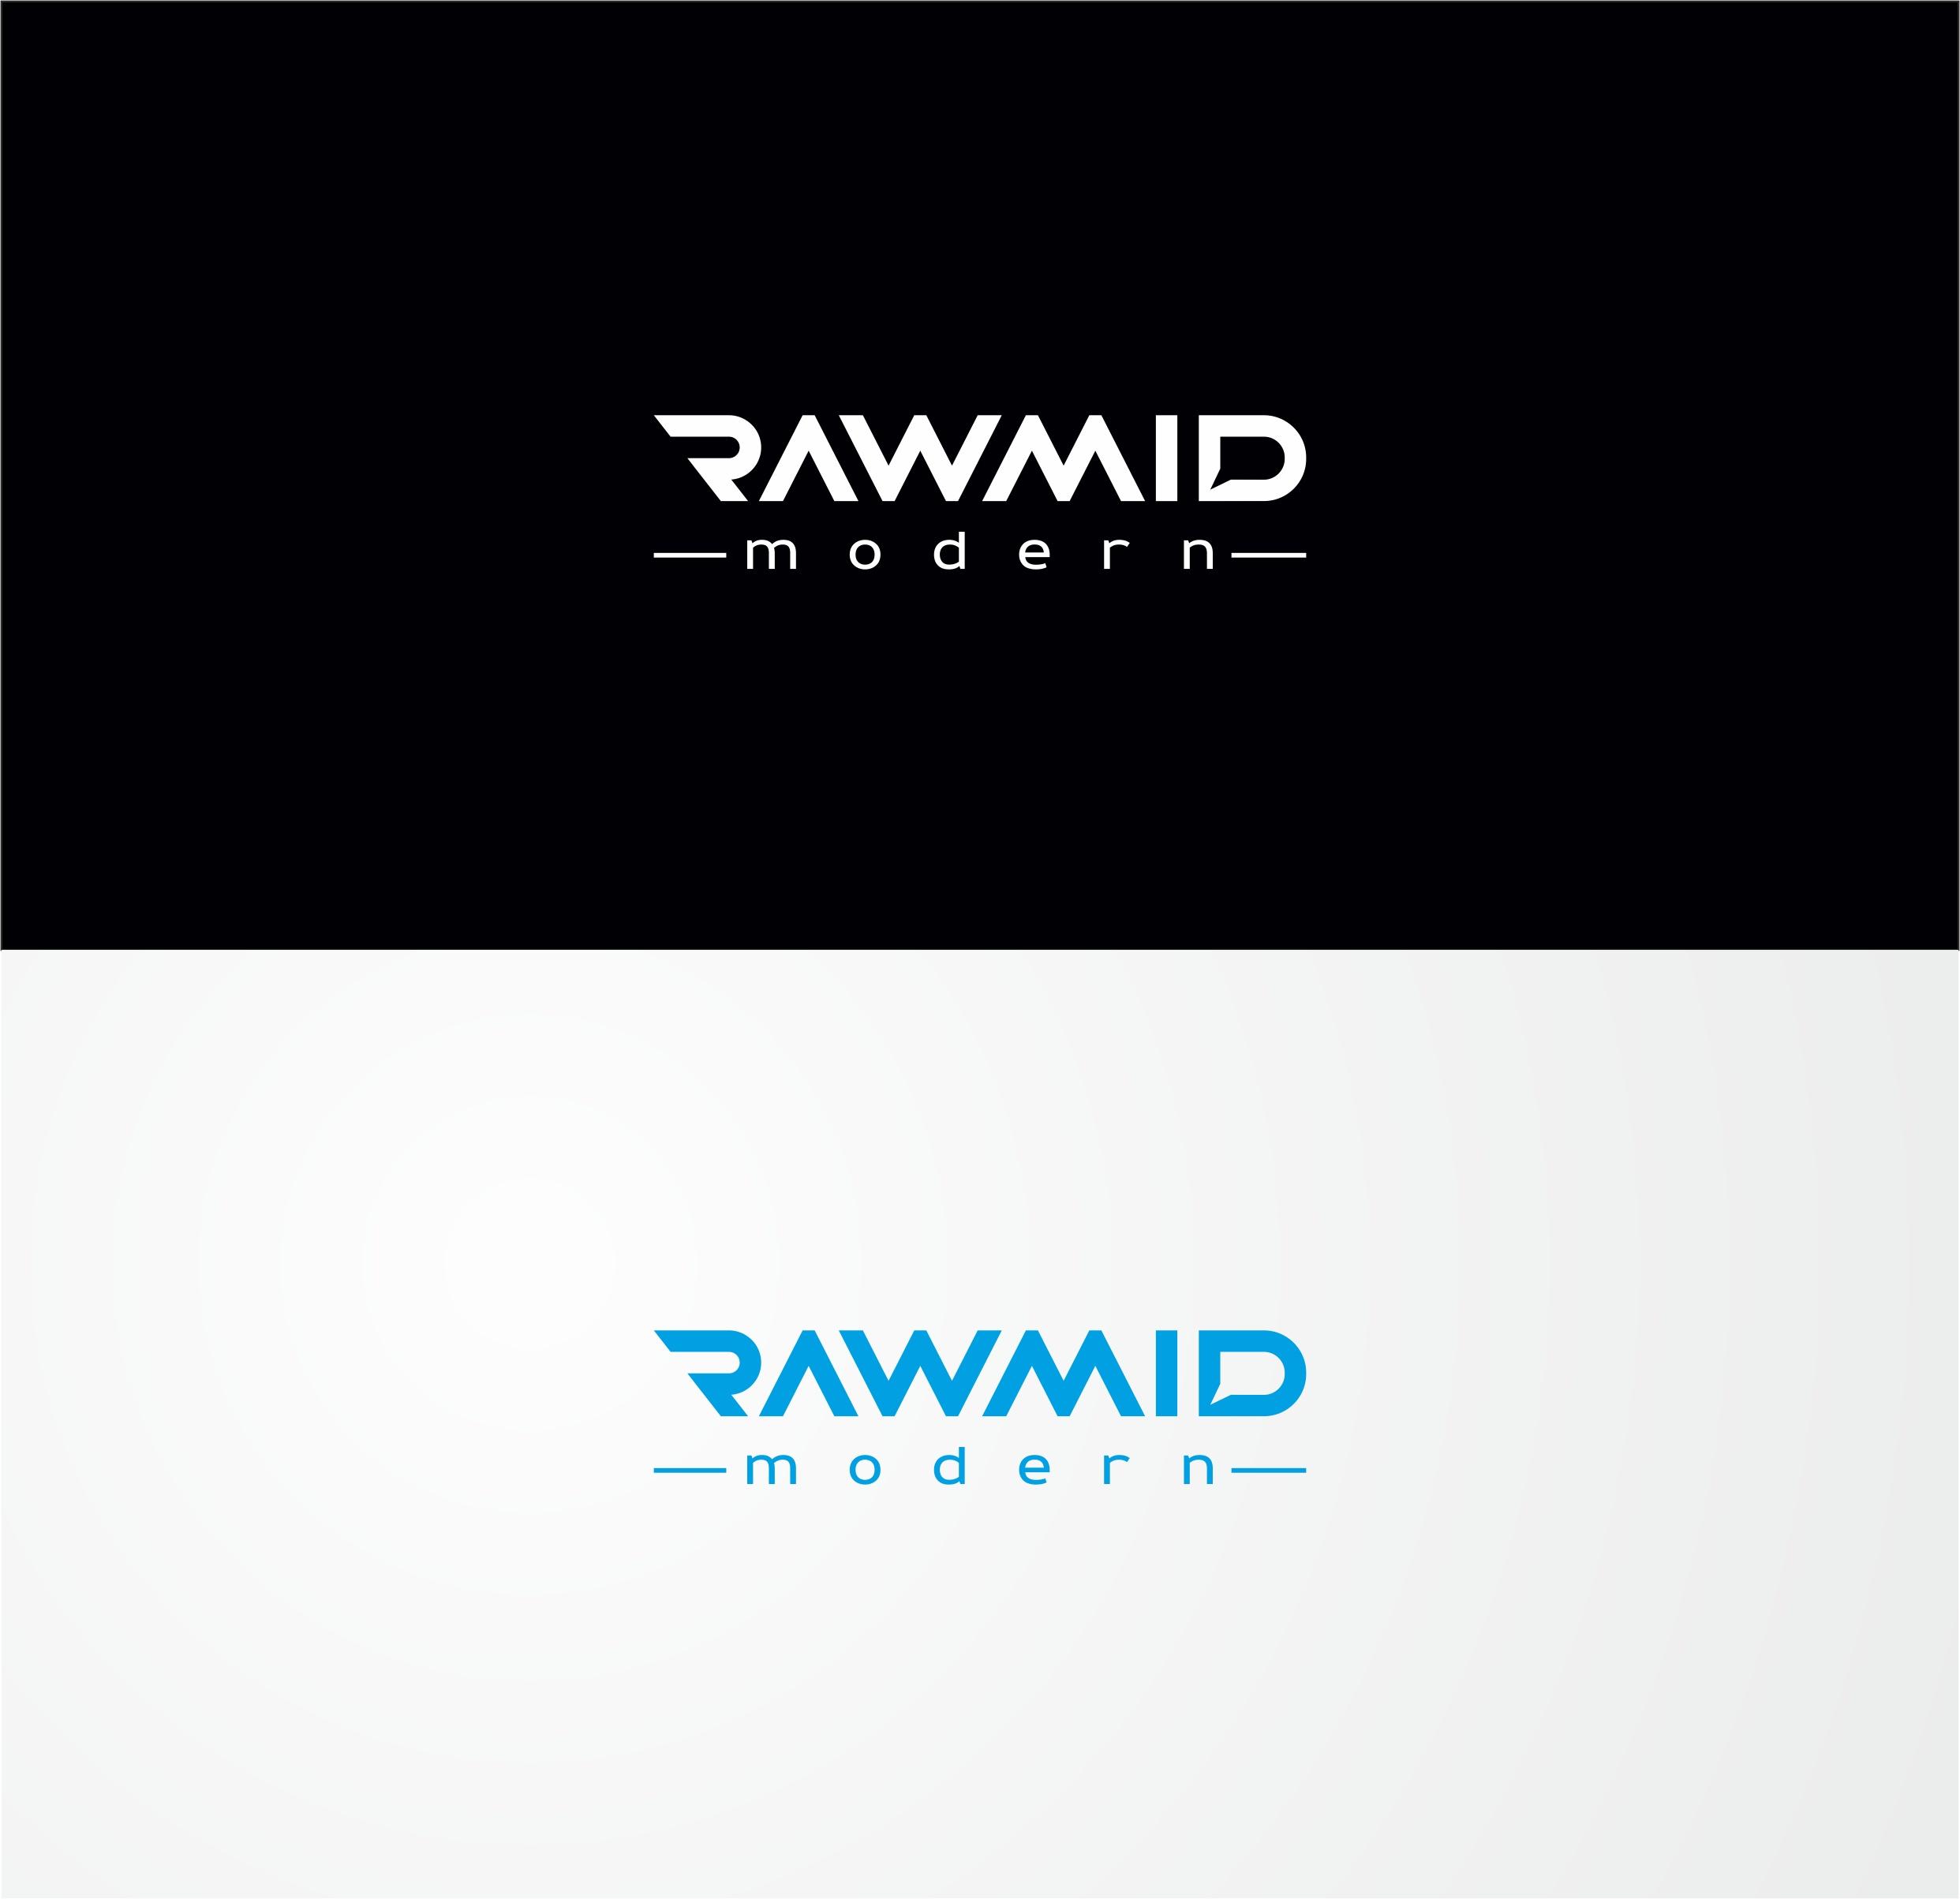 Создать логотип (буквенная часть) для бренда бытовой техники фото f_3425b360bb9c2398.jpg